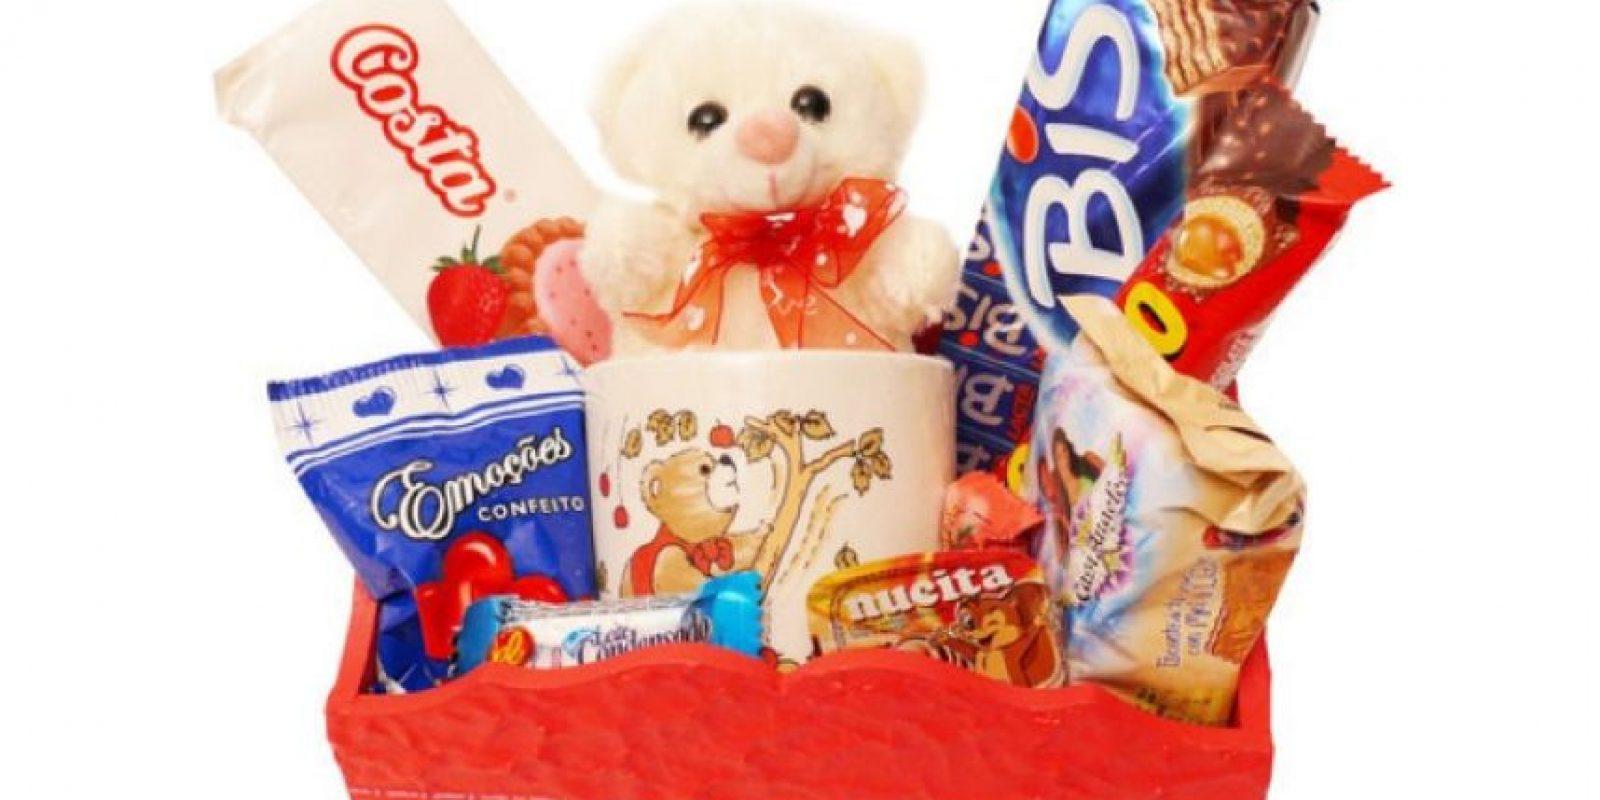 O una canasta con papel higiénico, galletas y limpiadores. Foto:Tumblr.com/Tagged-regalo-wtf